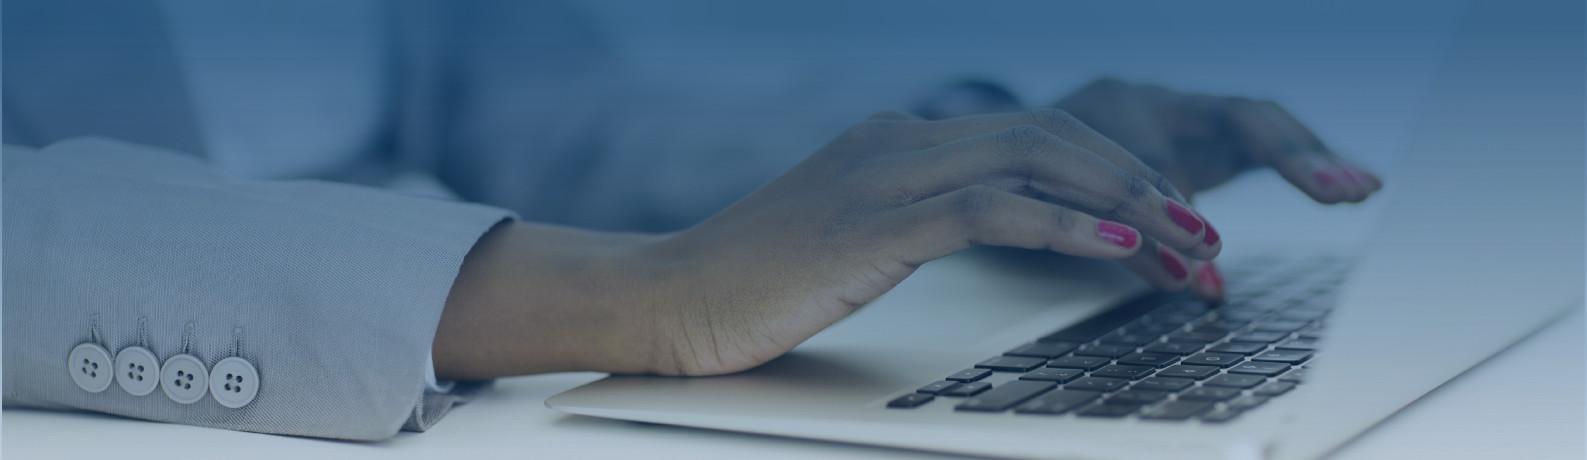 http://www.serpro.gov.br/menu/contato/cliente/duvidas-mais-frequentes/siscomex/siscomex